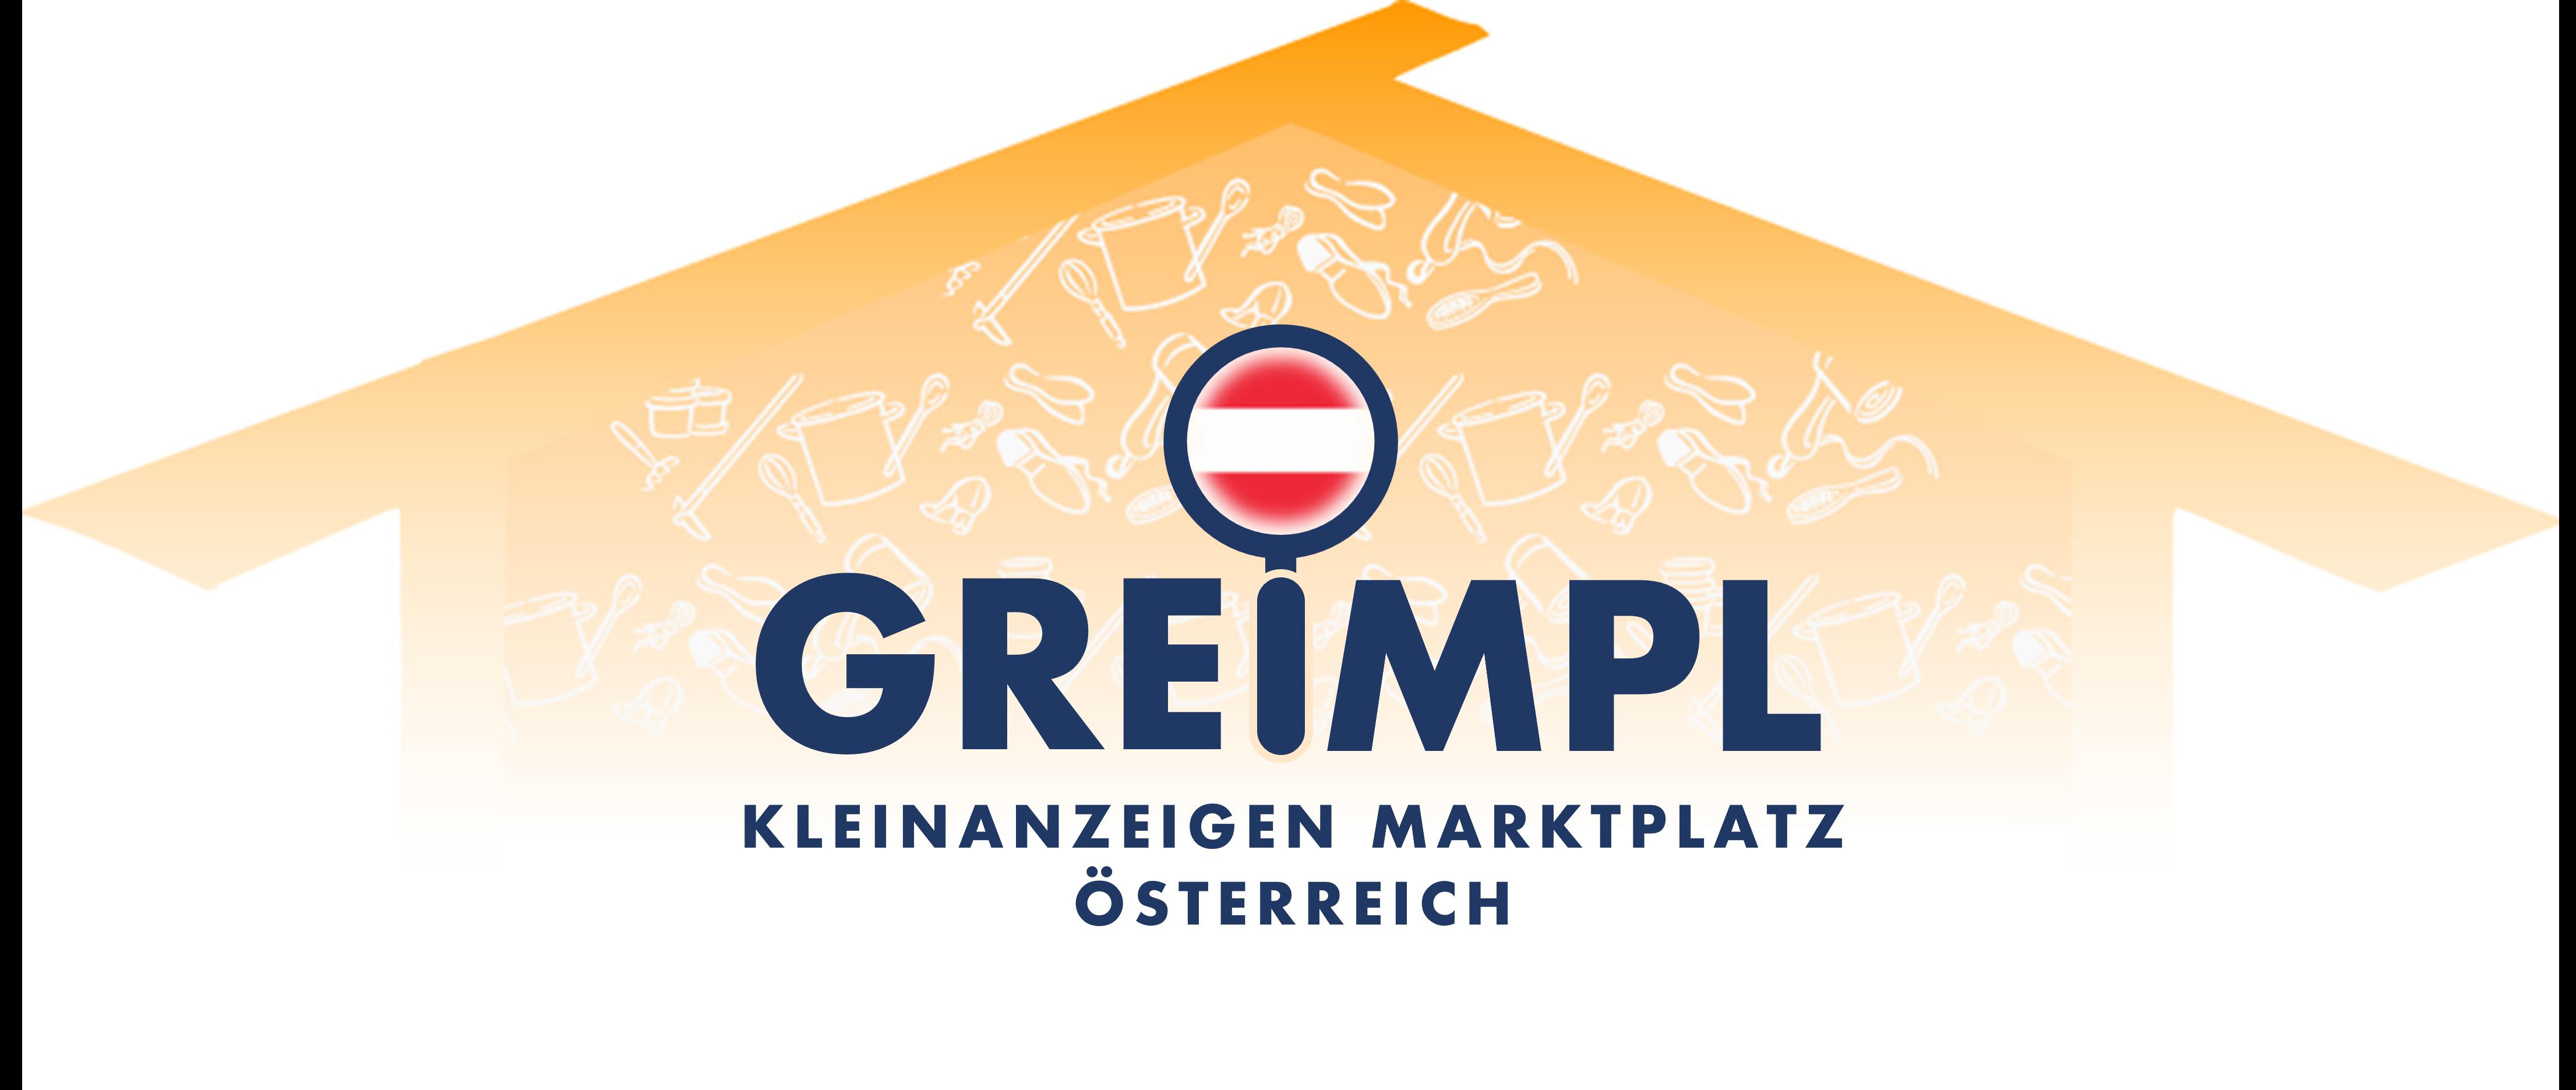 (c) Greimpl.at